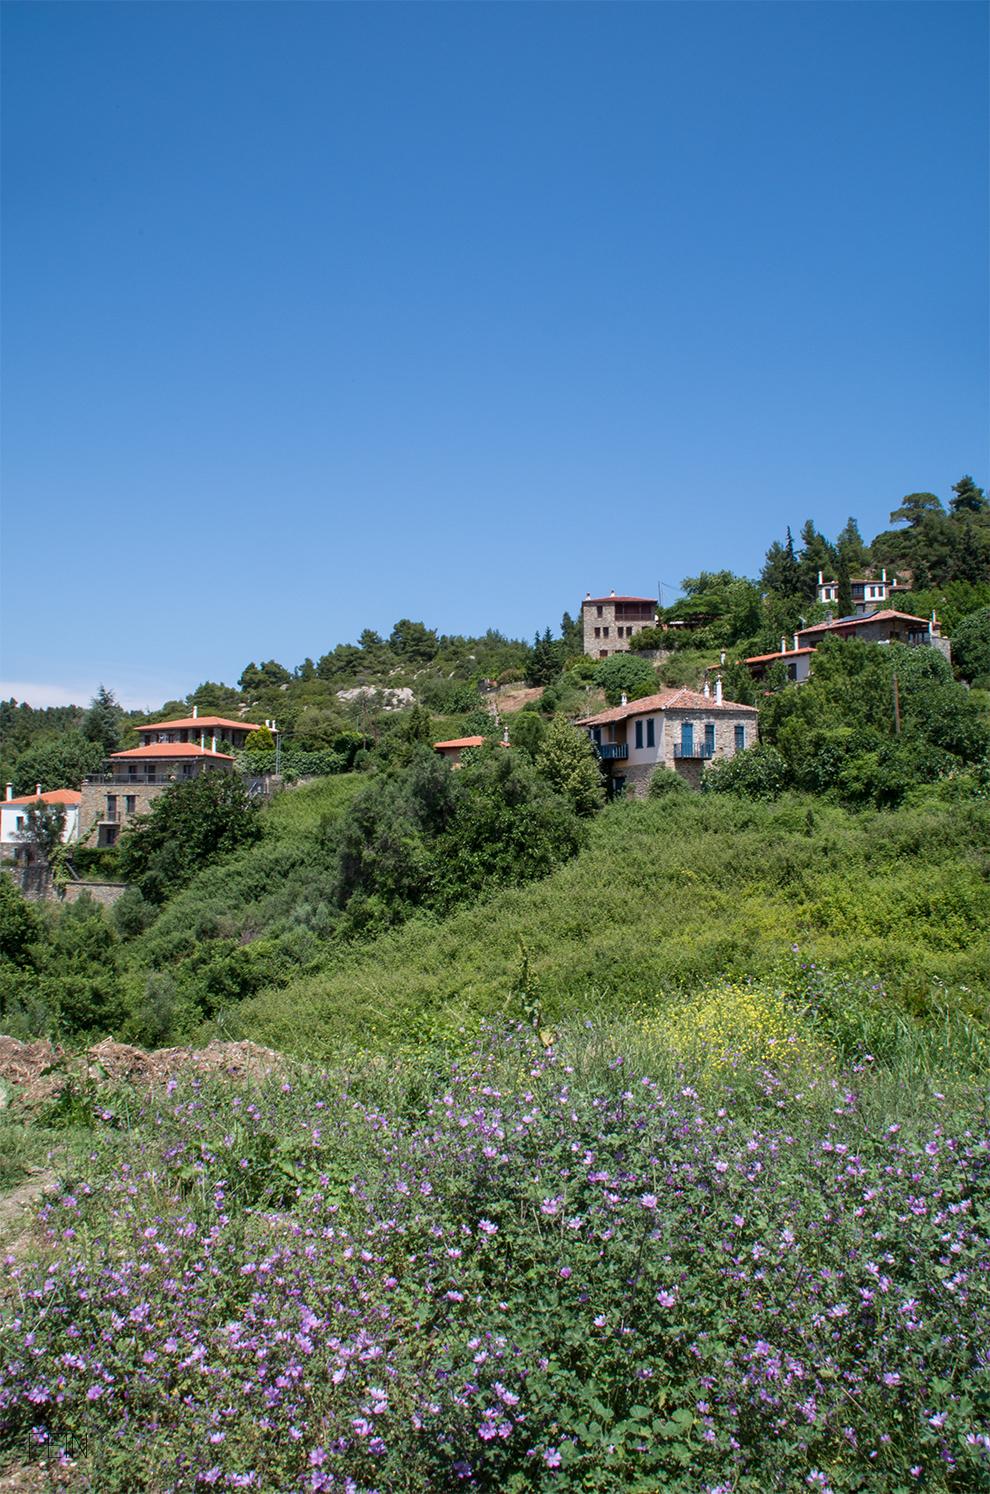 Urlaub Griechenland Bergdorf